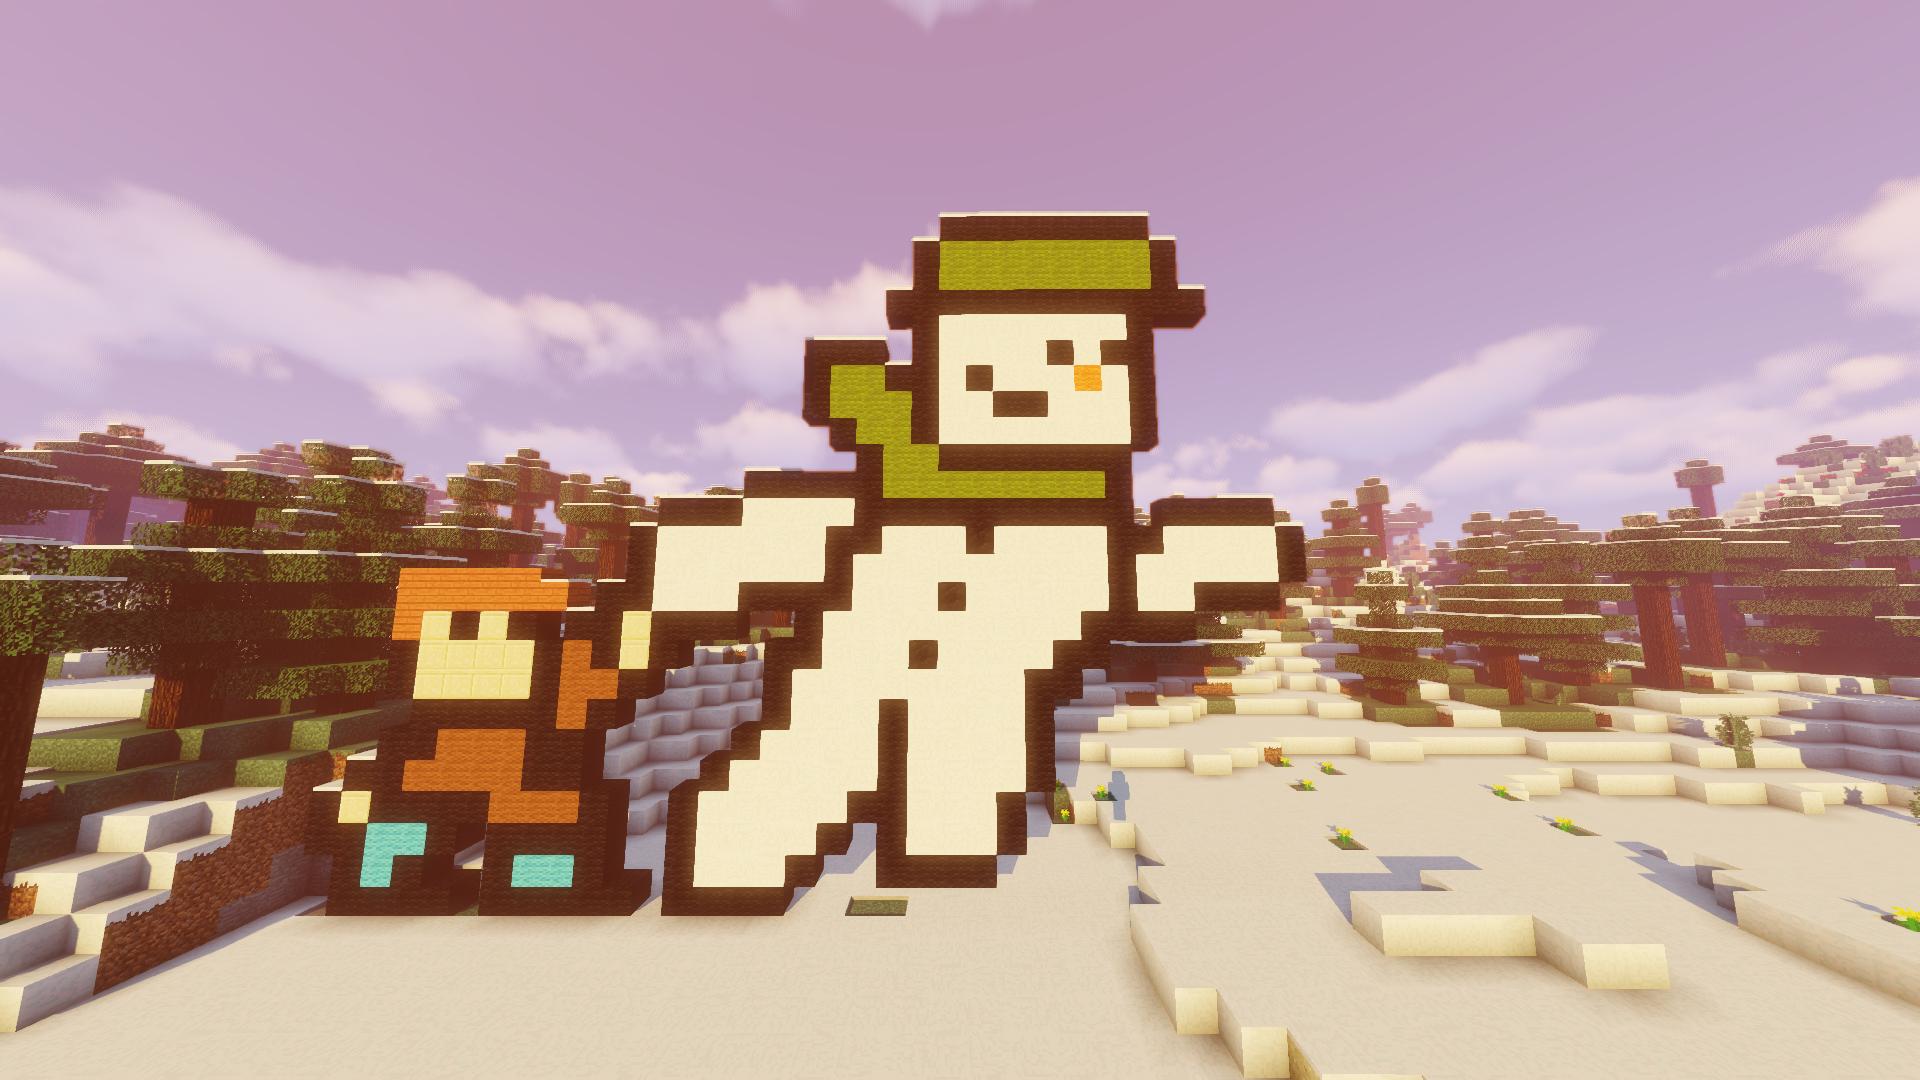 Rakennelma Minecraftissa, joka kuvaa lumiukkoa ja lasta.